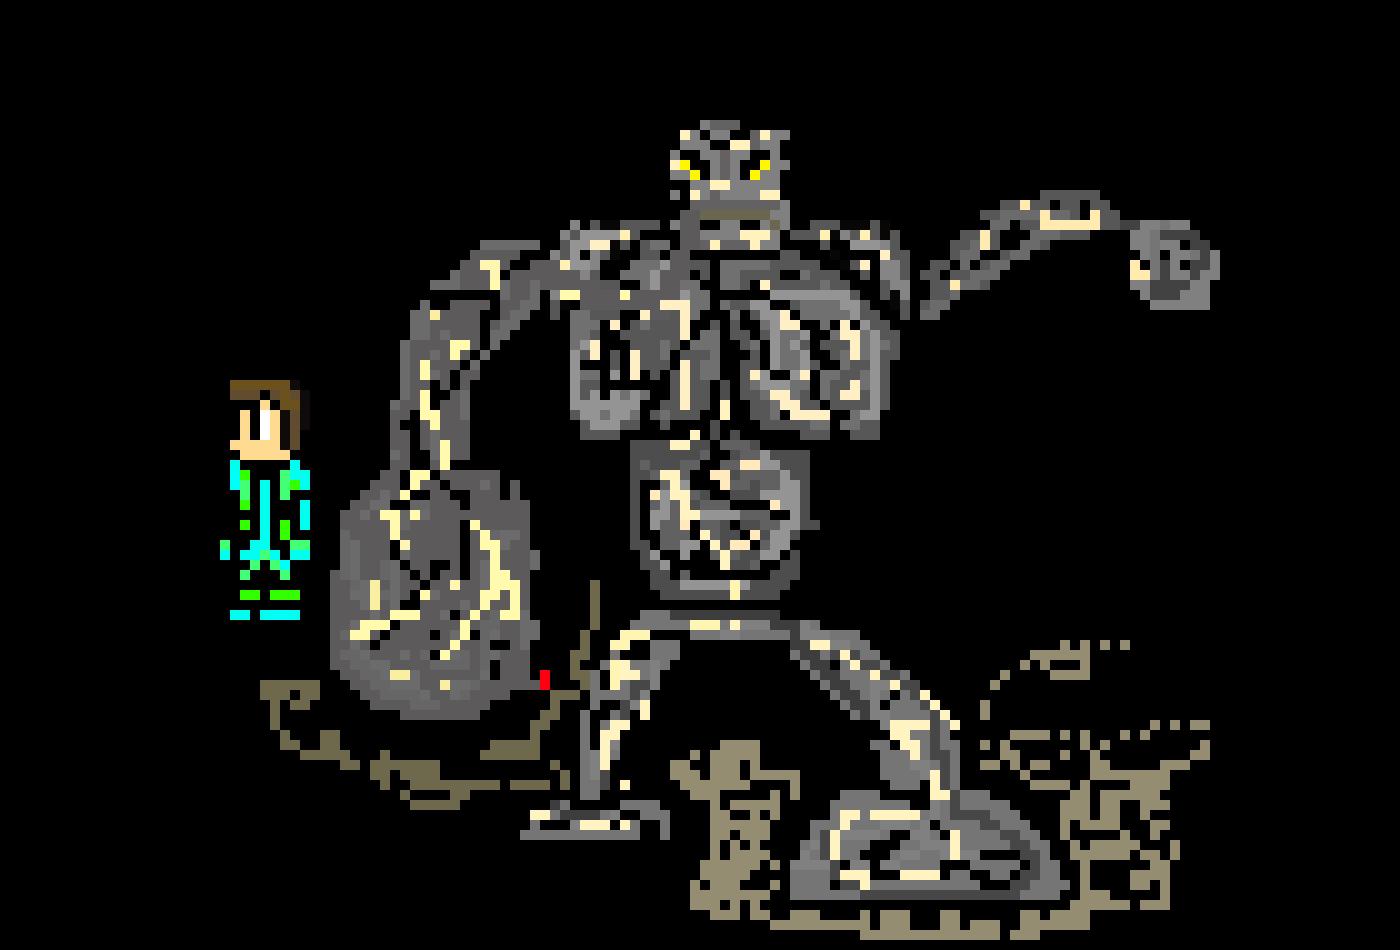 New terraria boss mod